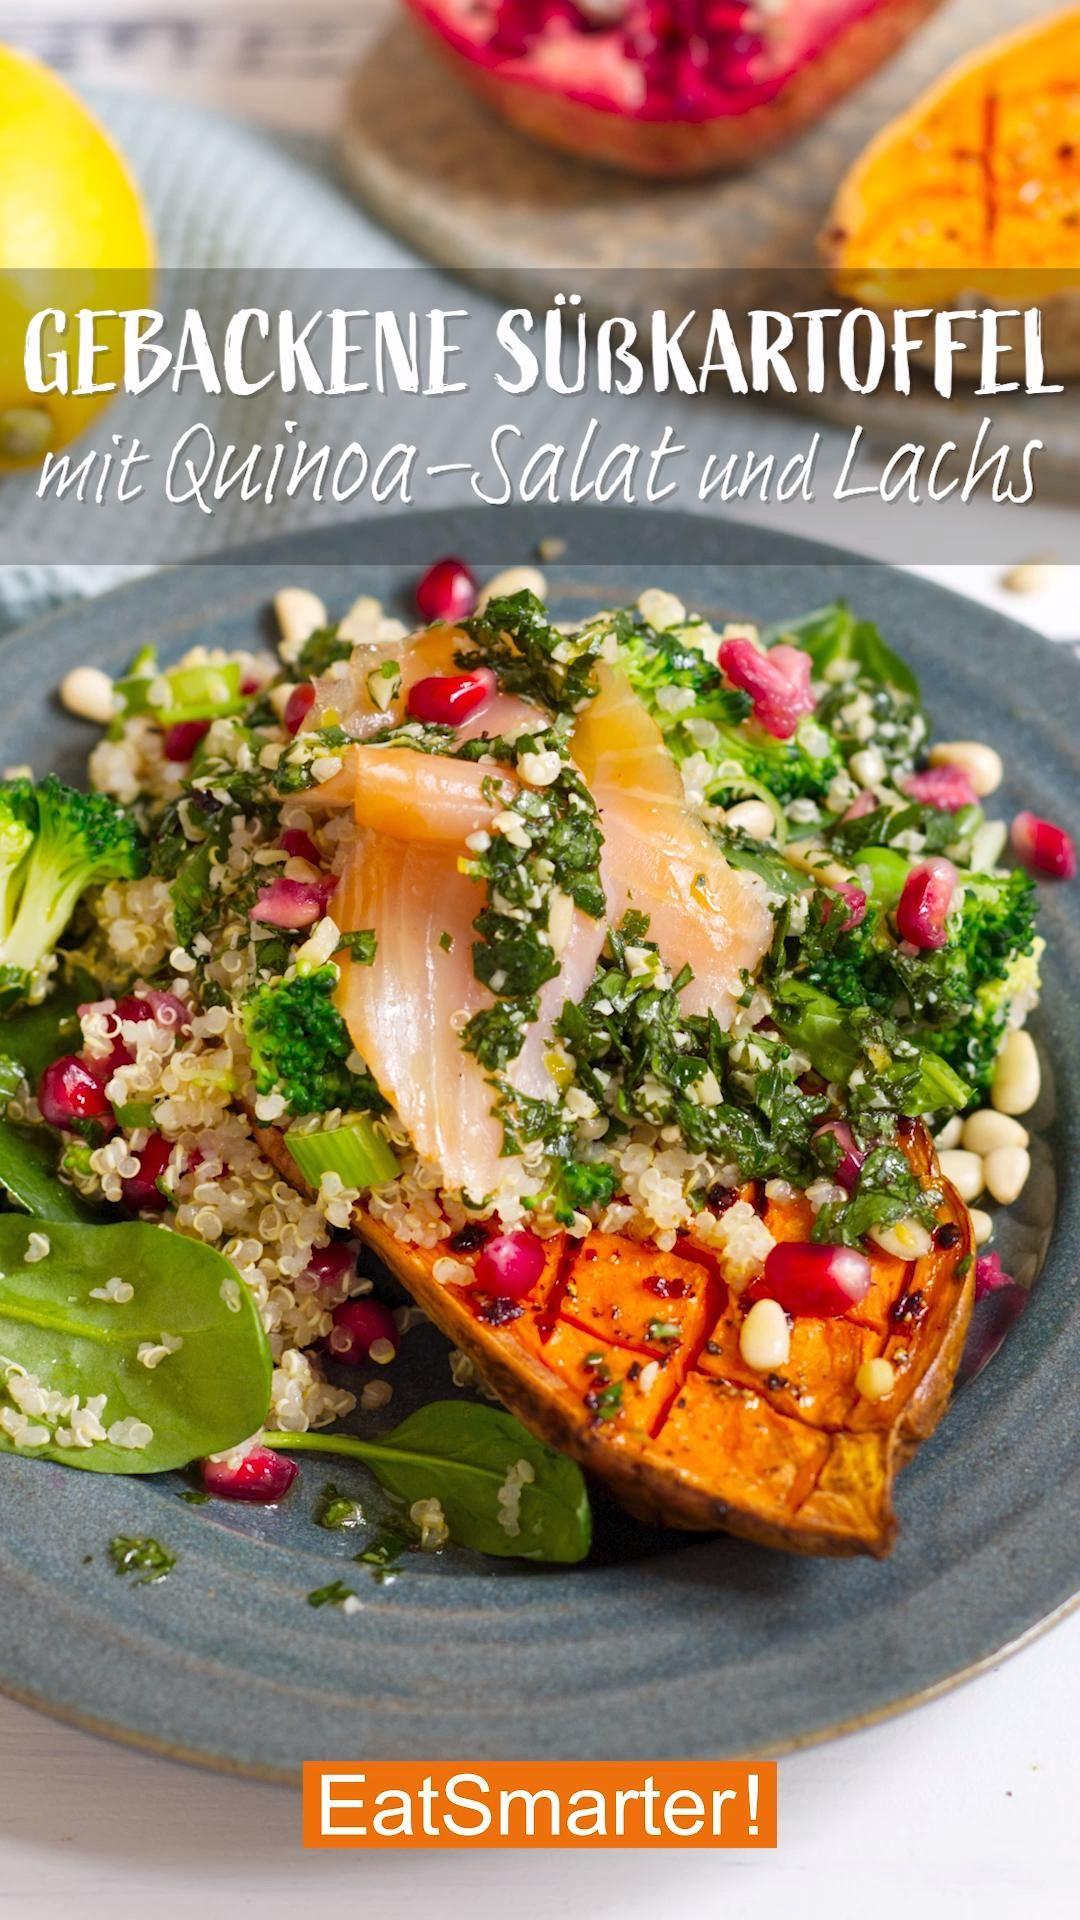 Gesundes Abendessen: Gebackene Süßkartoffel mit Quinoa-Salat und Lachs  | EAT SMARTER